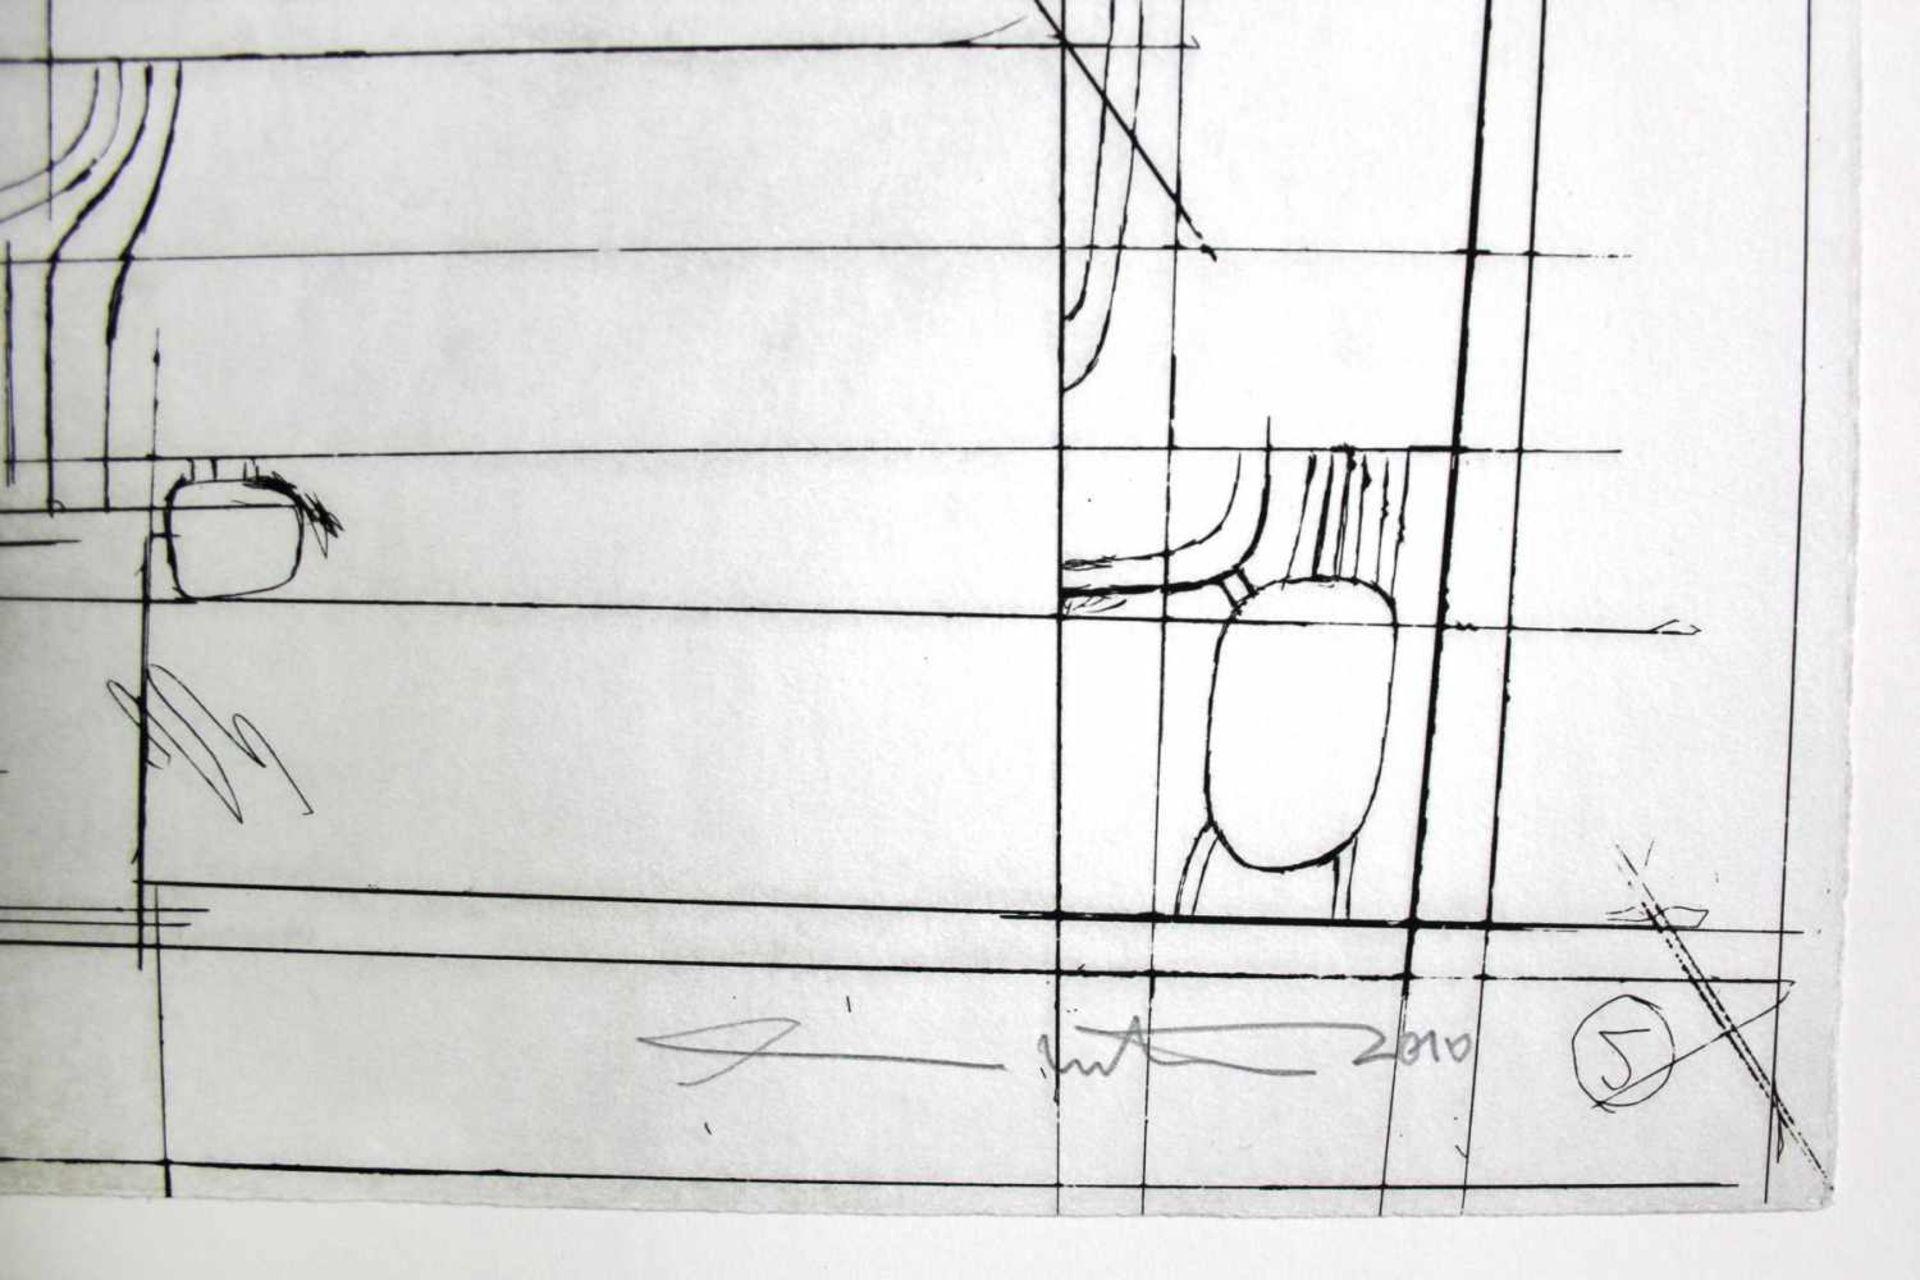 Hermann Nitsch geb. 1938 o.T. 2010 Kaltnadelradierung handsigniert und nummeriert 1/1 68 x 48 cm - Bild 3 aus 4